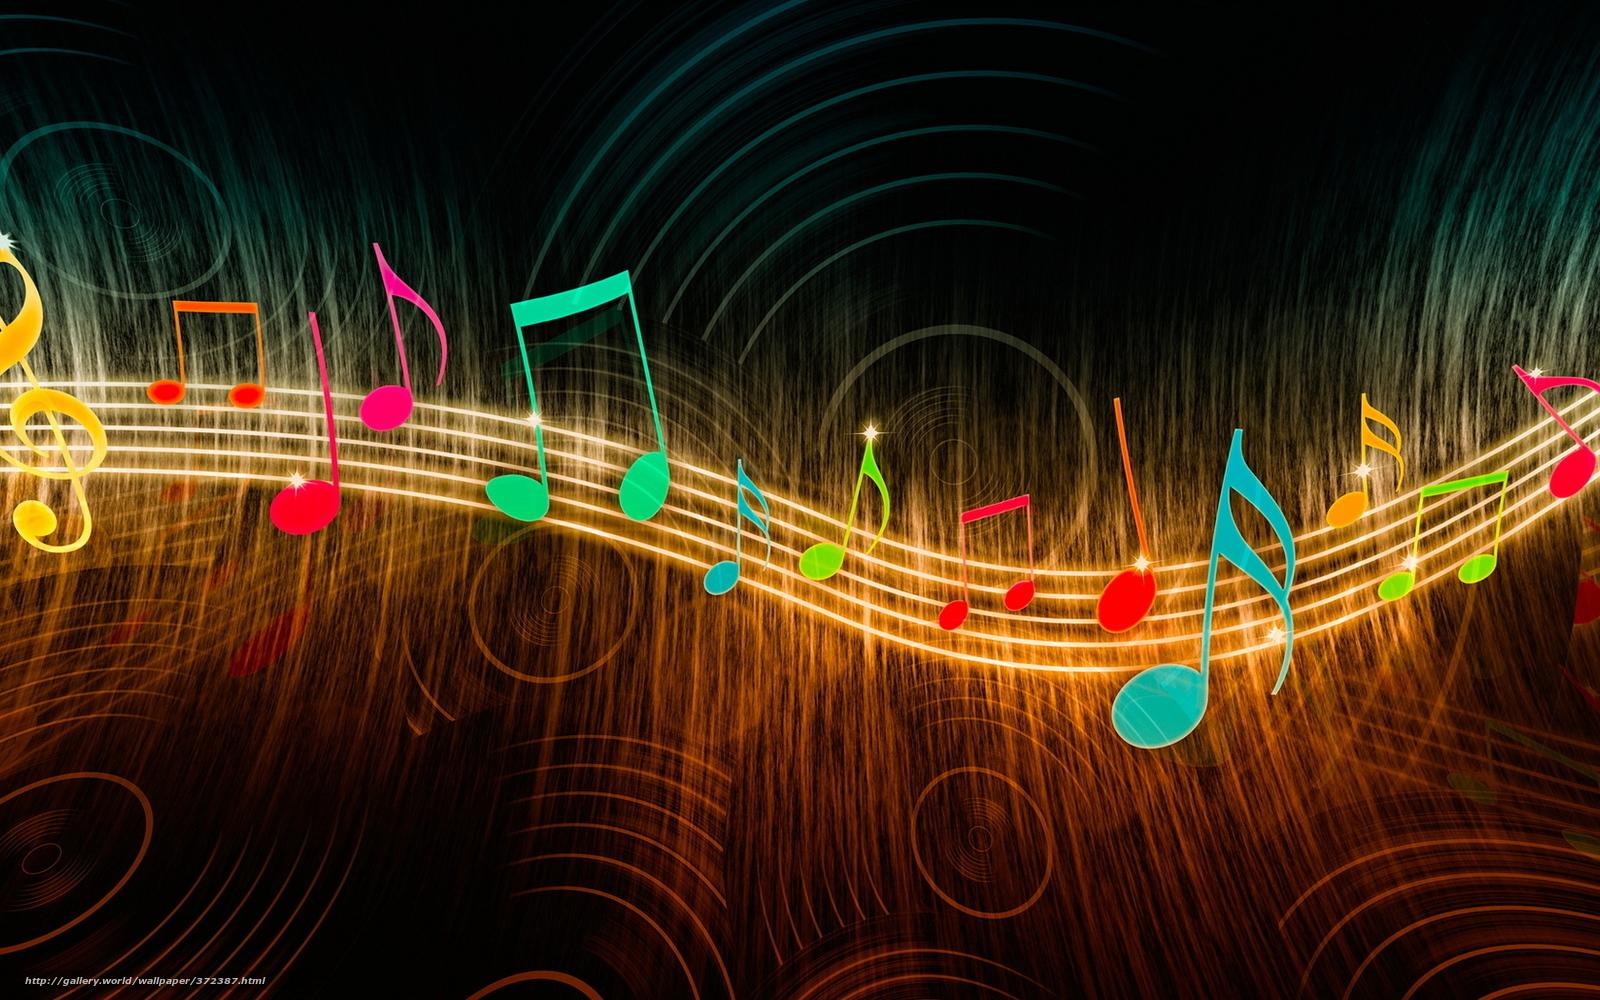 Tlcharger fond d 39 ecran musique musique papier peint for Papier peint ecran